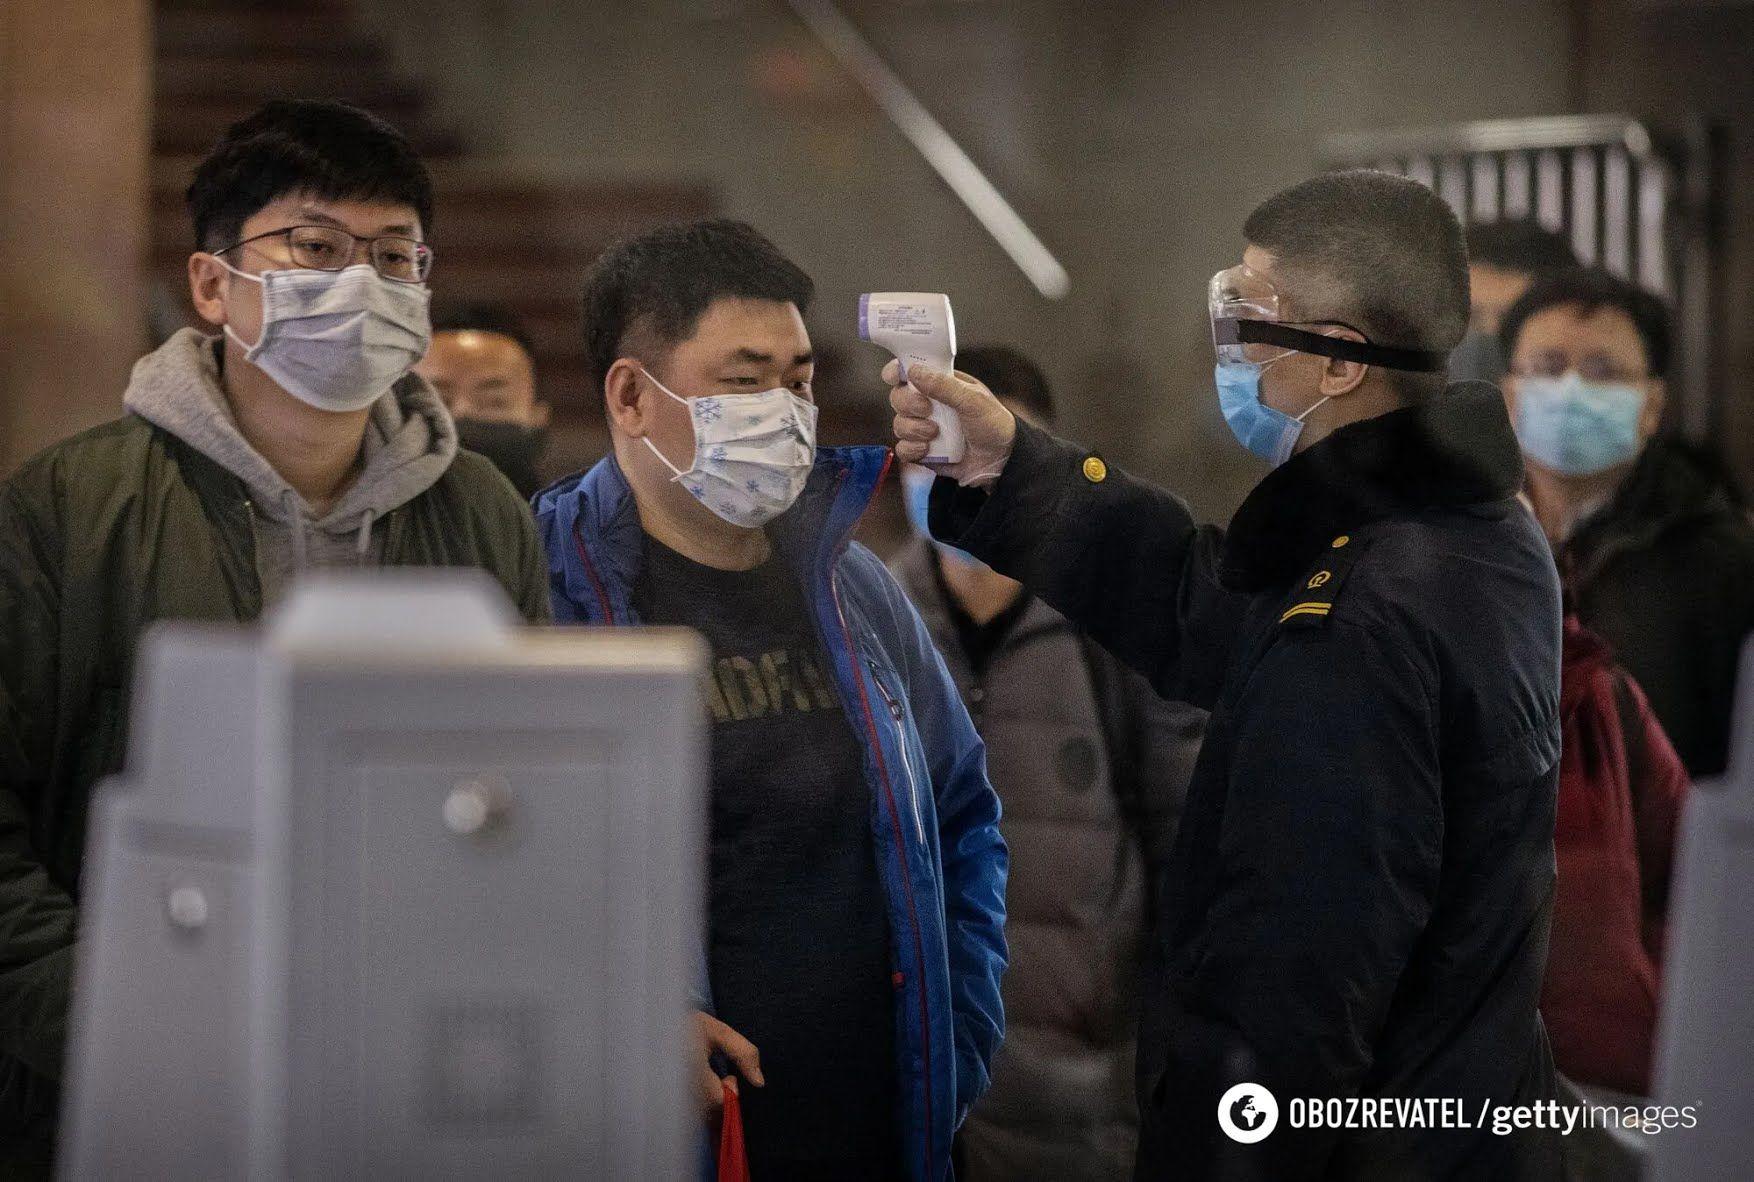 Практично всі віруси грипу йдуть з Китаю